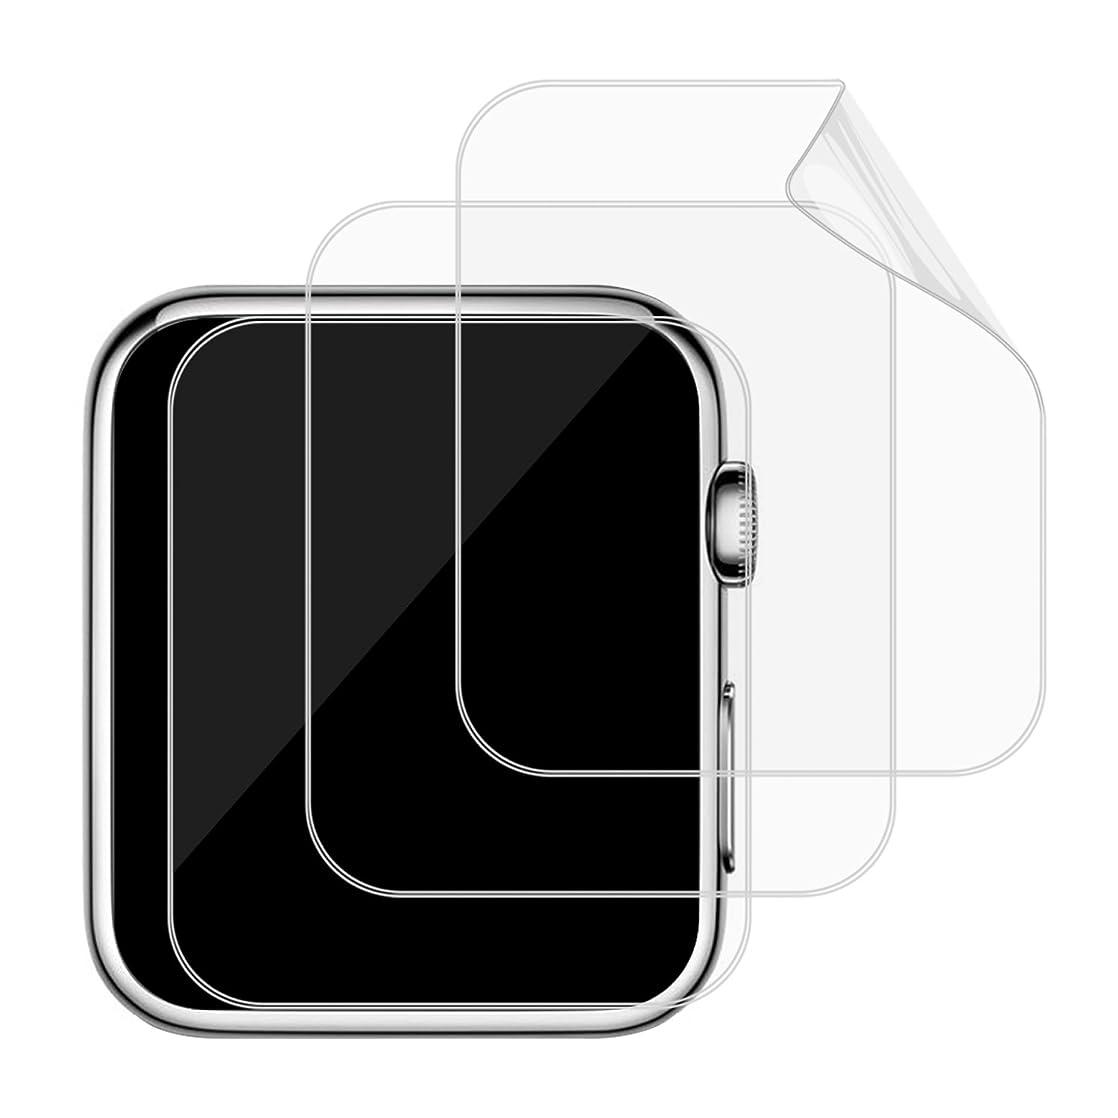 おなじみの繁雑カラスJEDirect Apple Watch 用液晶保護フイルム 高透過率 HD画面 42mm Series 1 2 3対応 3枚入り